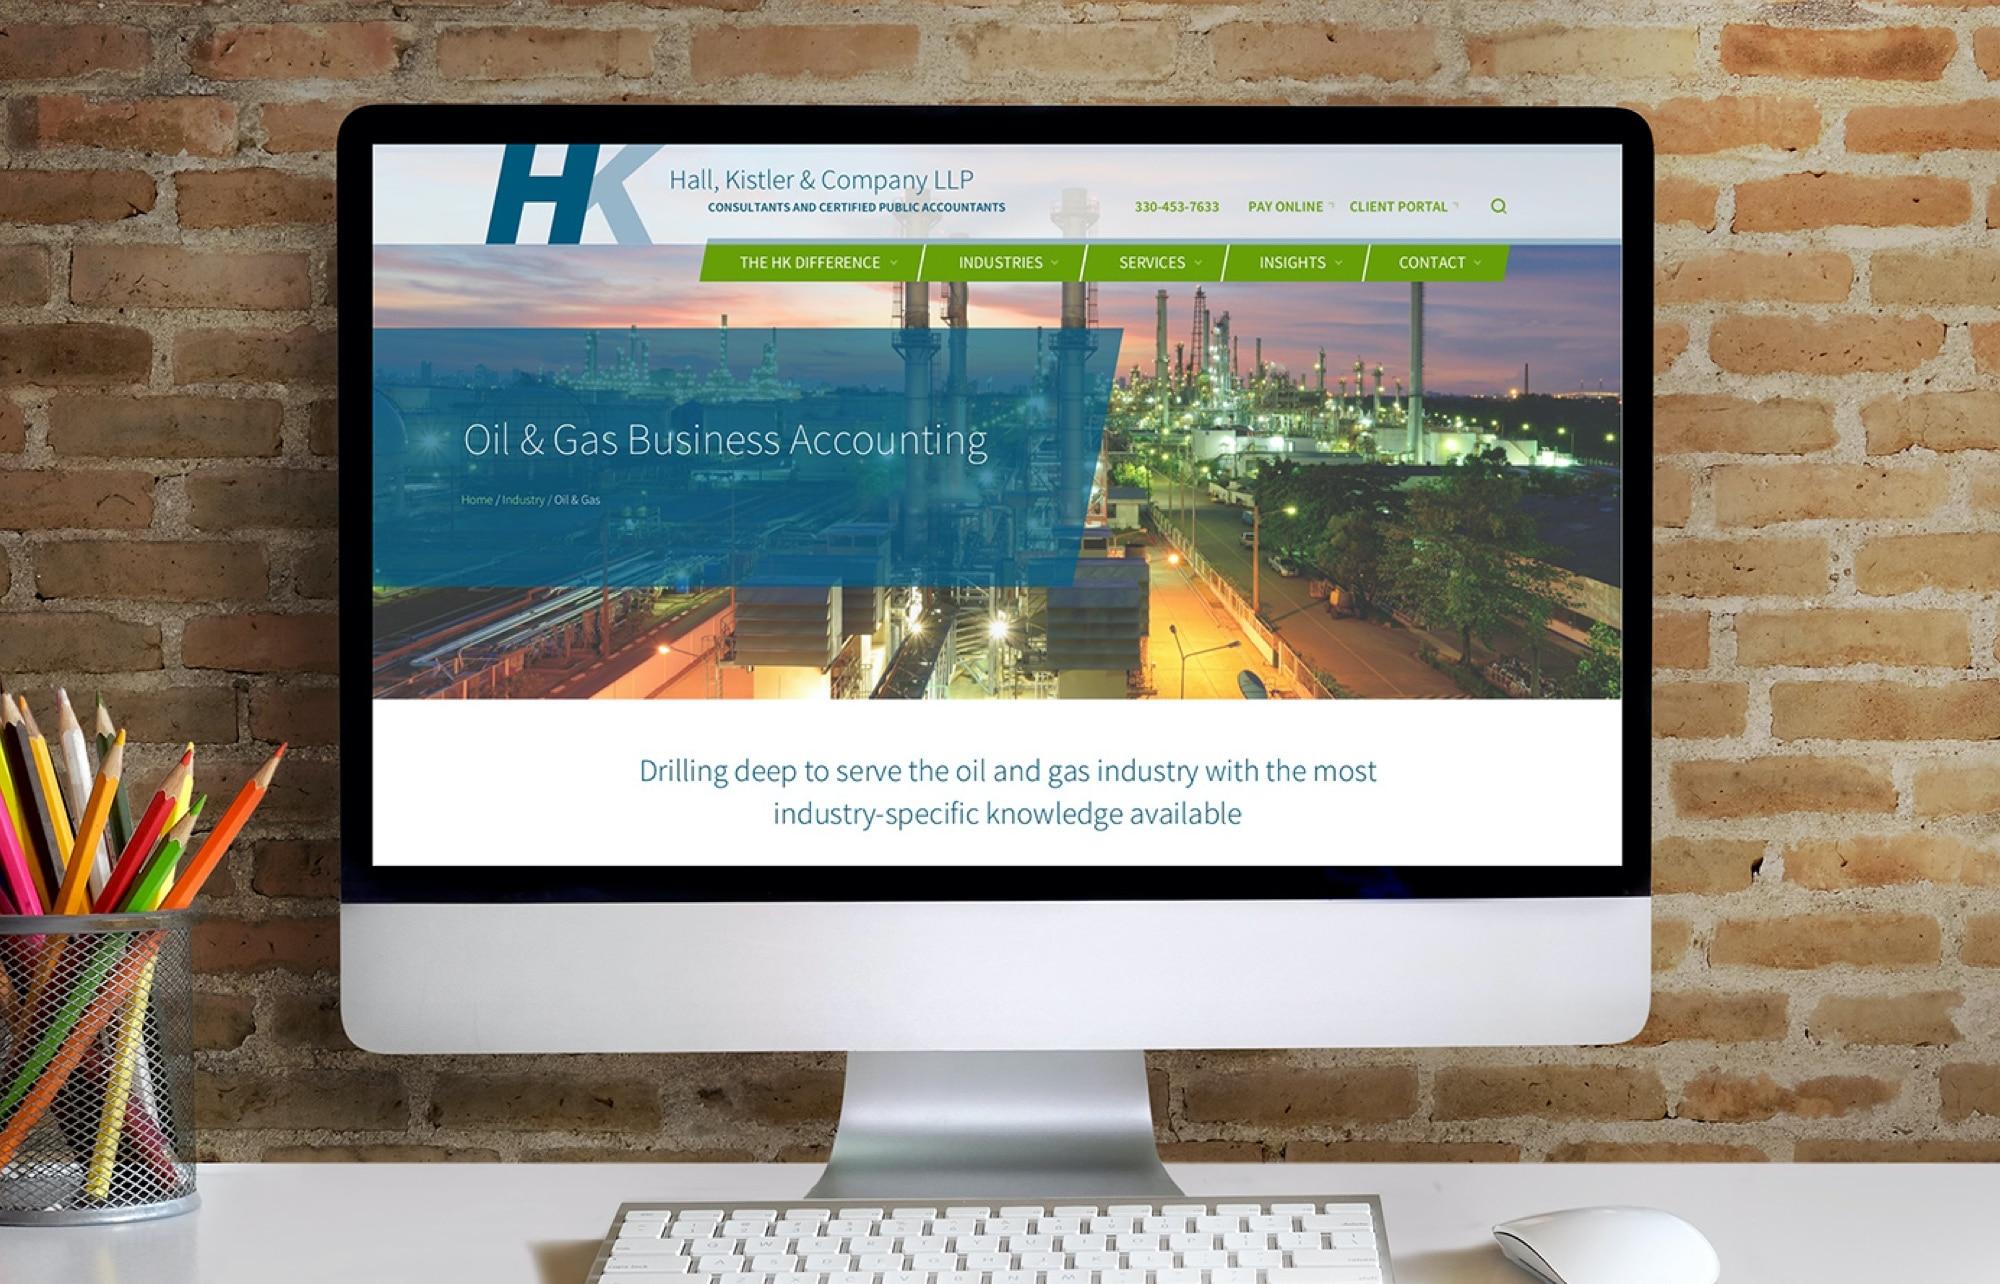 Hall-Kistler-Website-Design-Large-Desktop